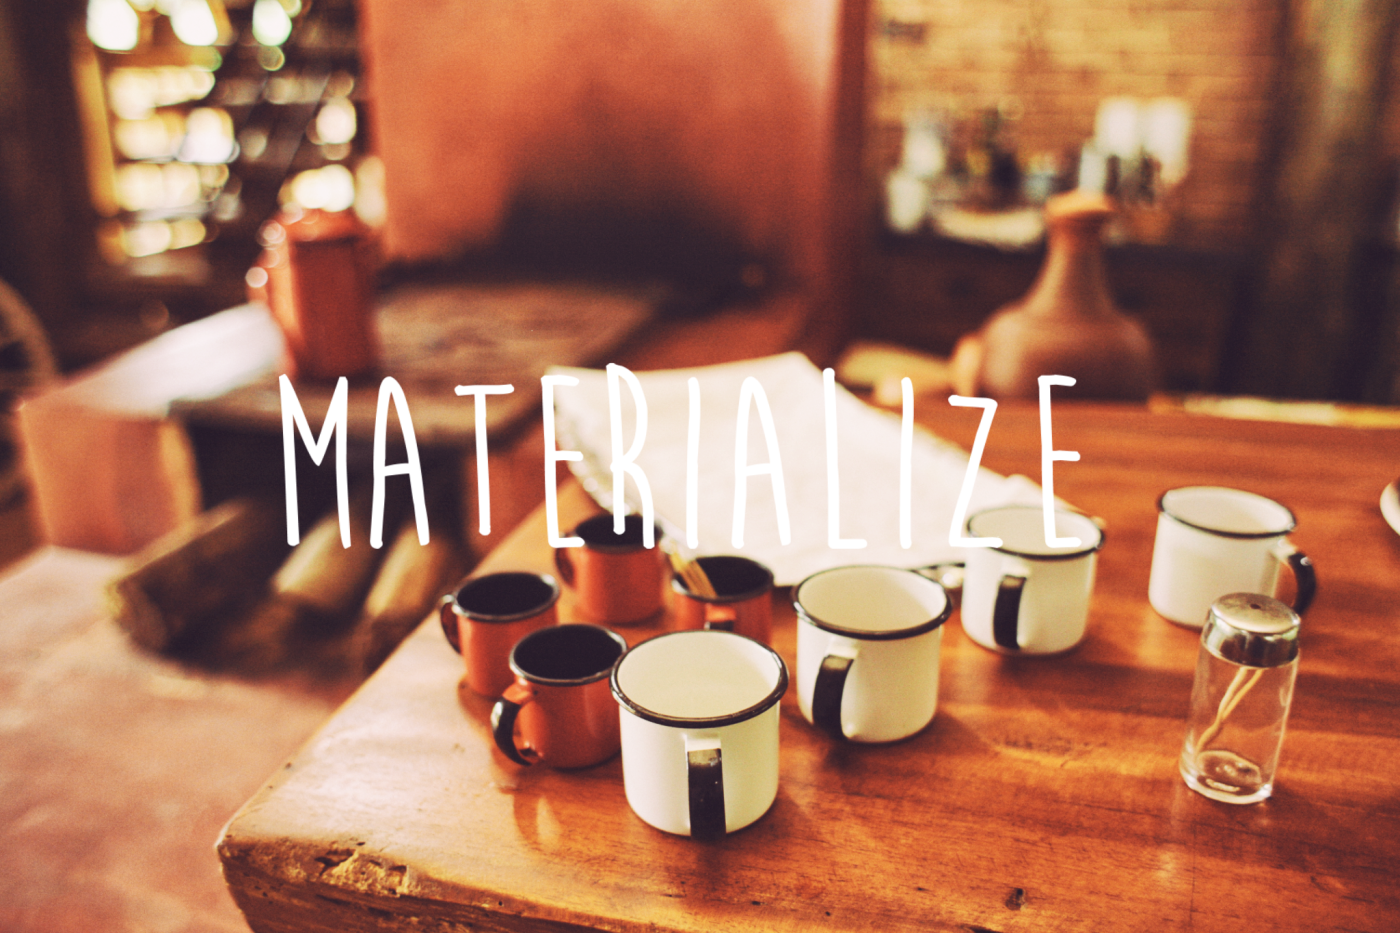 マテリアルデザインの、WordPress無料テーマなら、「Materialize」